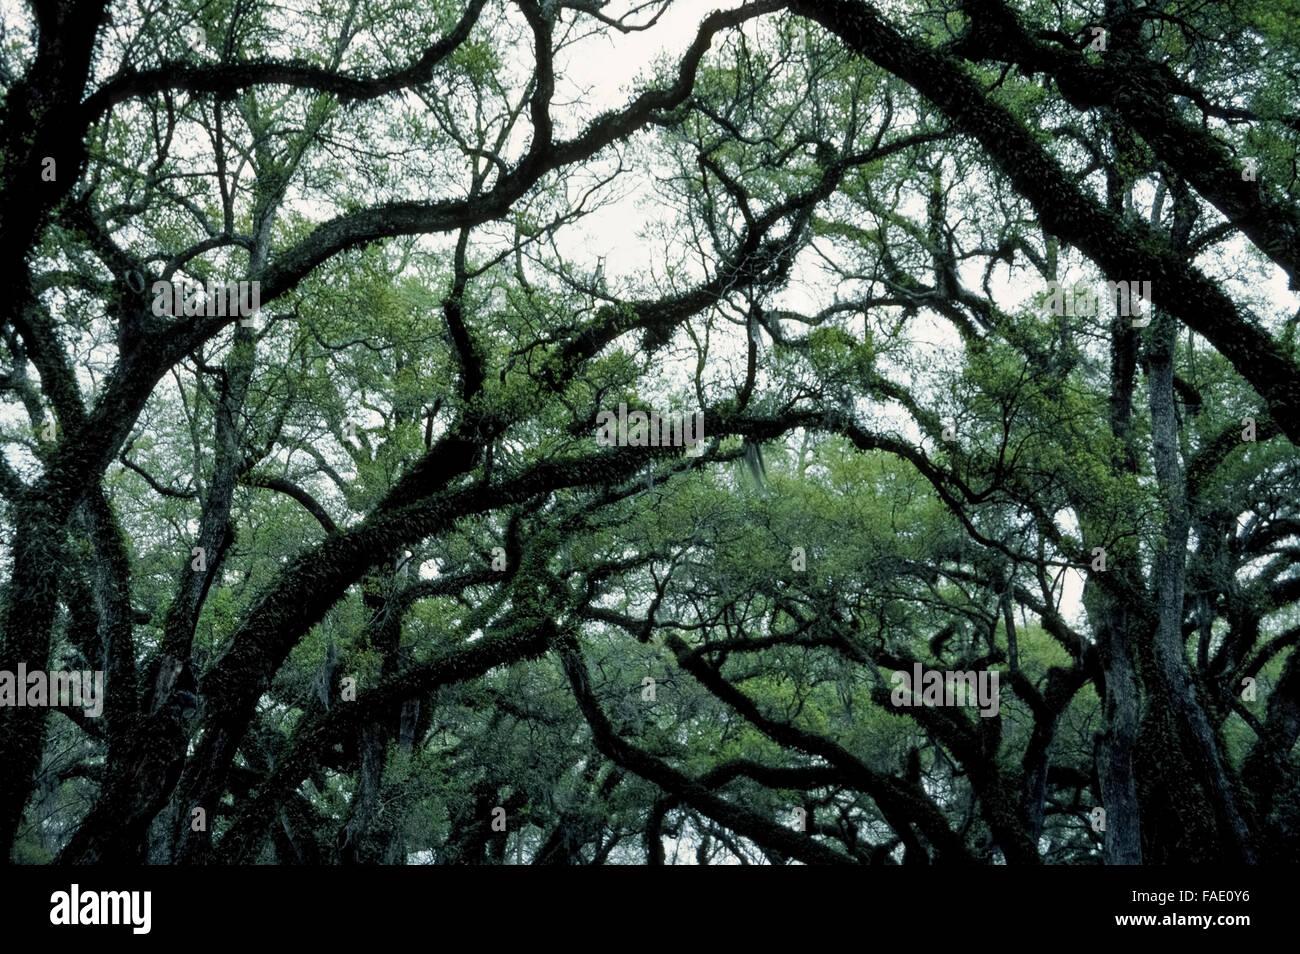 Die verdrehten Silhouetten der Gliedmaßen und Zweige der Bäume moosbewachsenen Eichen in Louisiana evozieren eine unheimliche Szene in einem Kriminalroman, der im alten Süden Amerikas festgelegt ist. Stockfoto